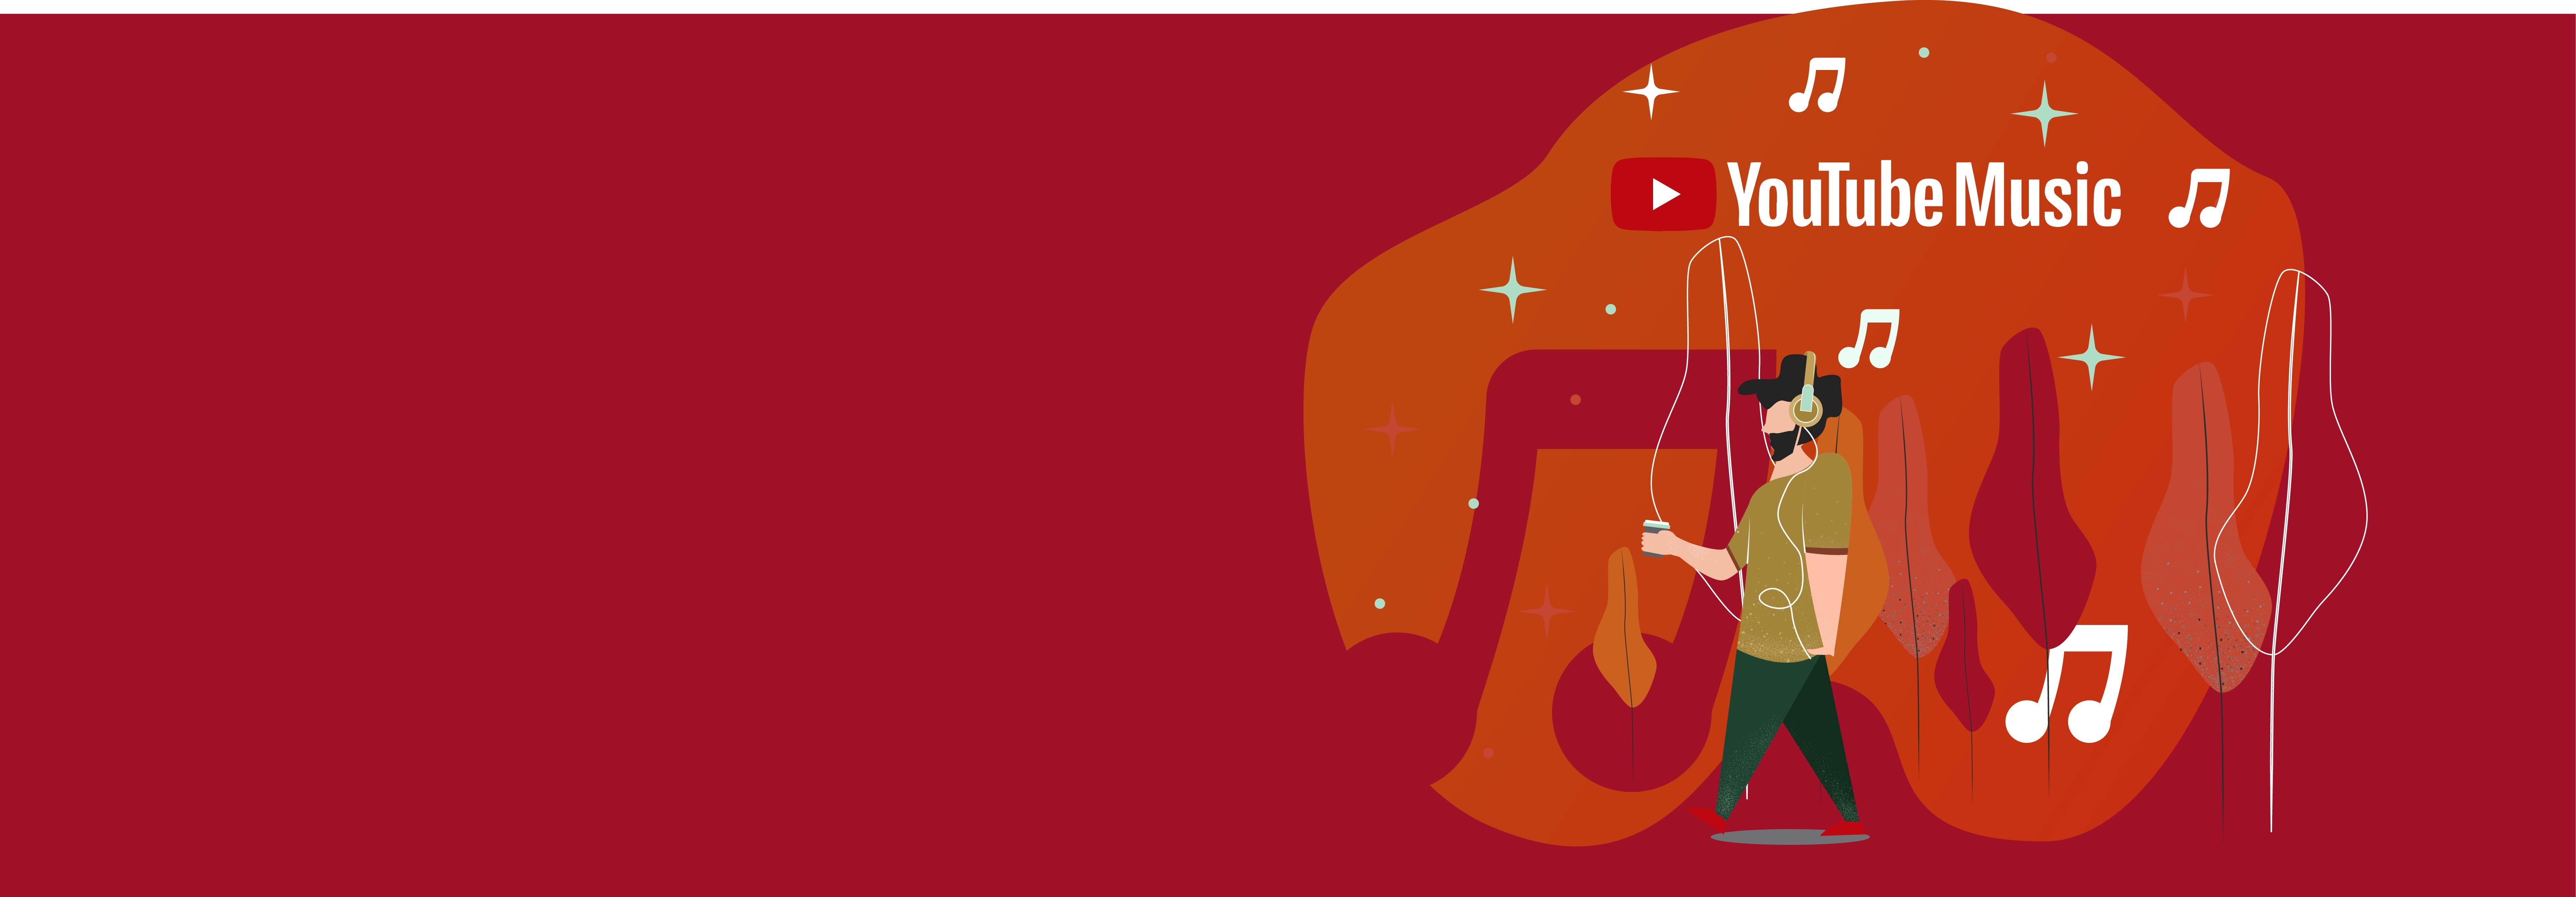 Llega YouTube Music y Premium. ¿Los conoces?